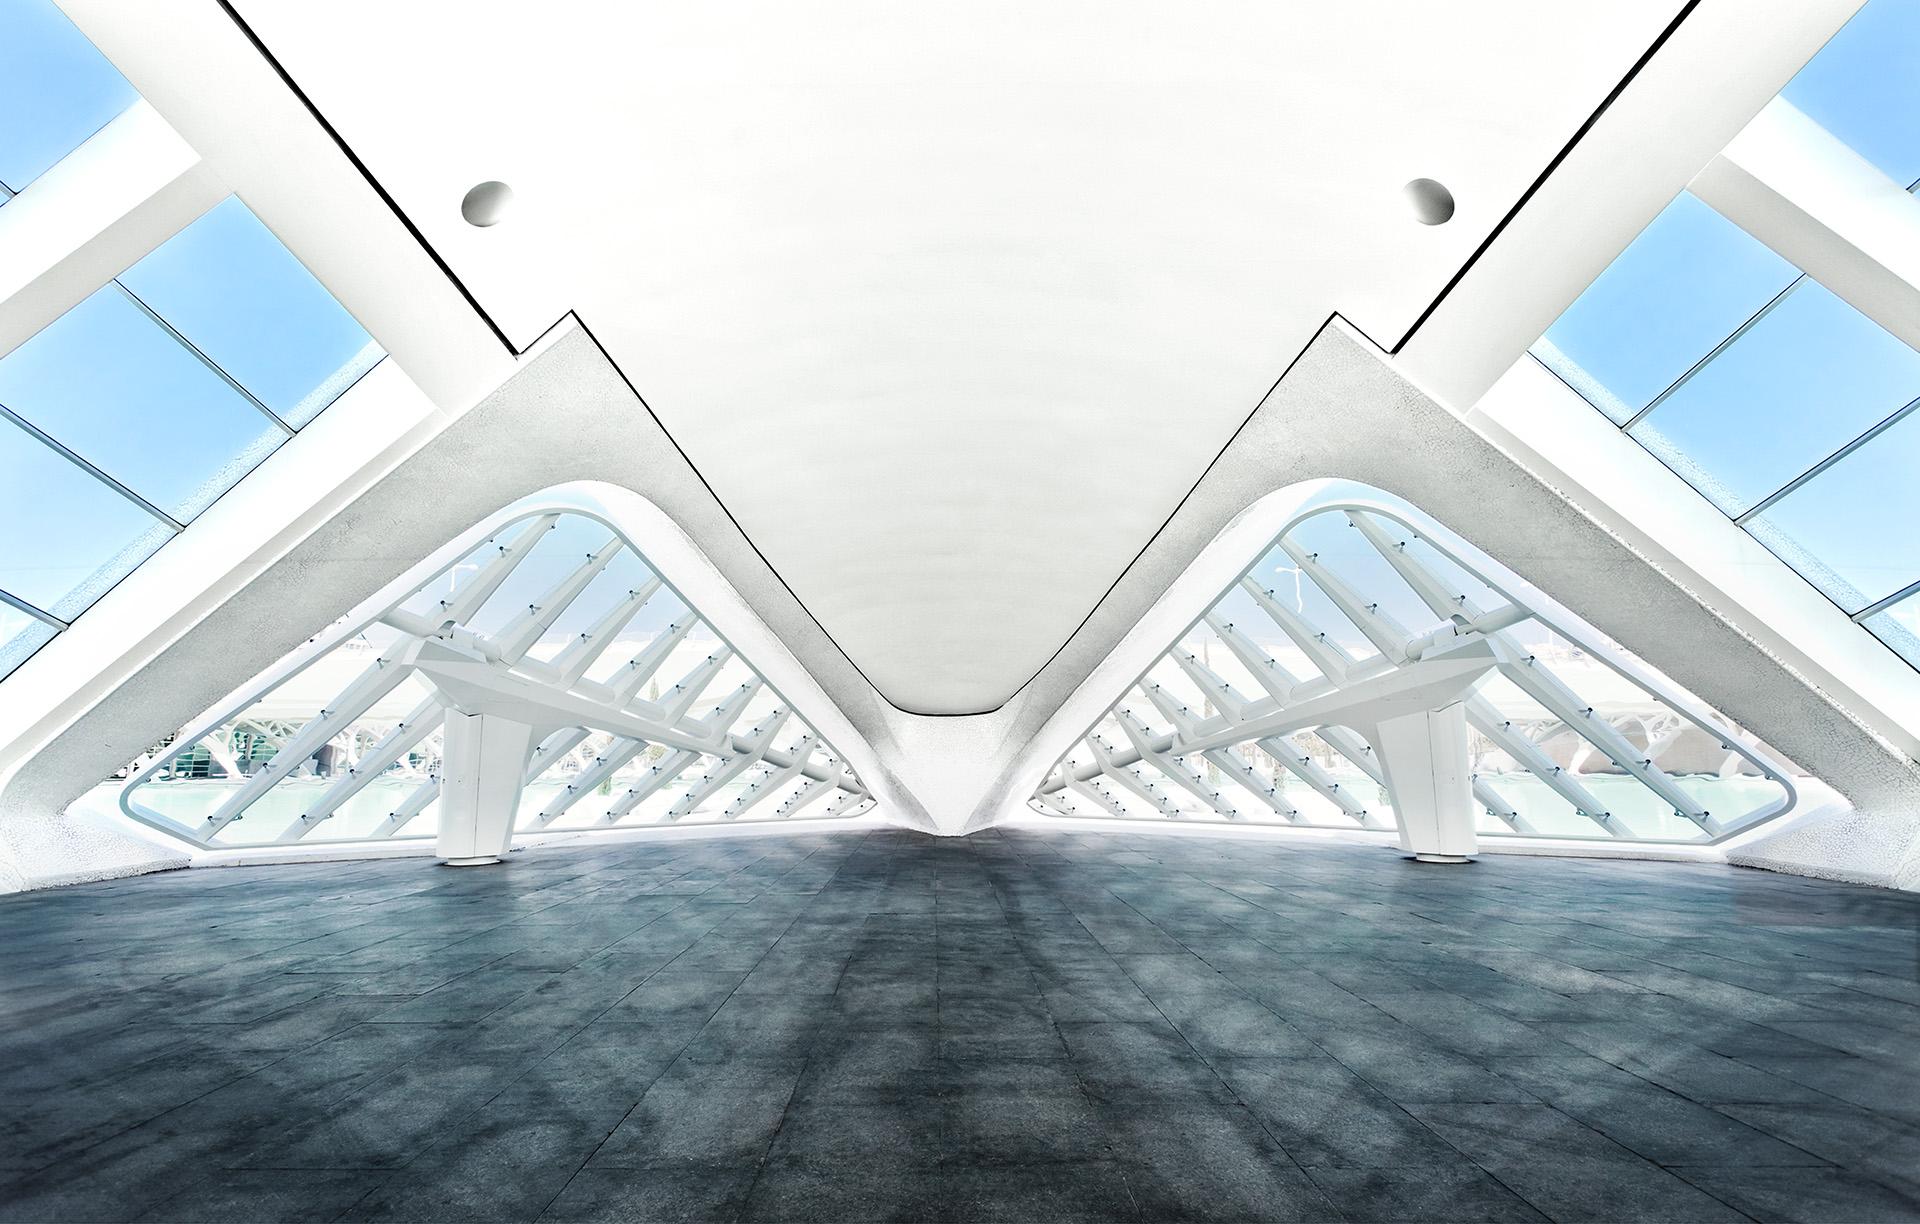 Fond d 39 cran blanc fen tre architecture b timent for Fond plafond moderne